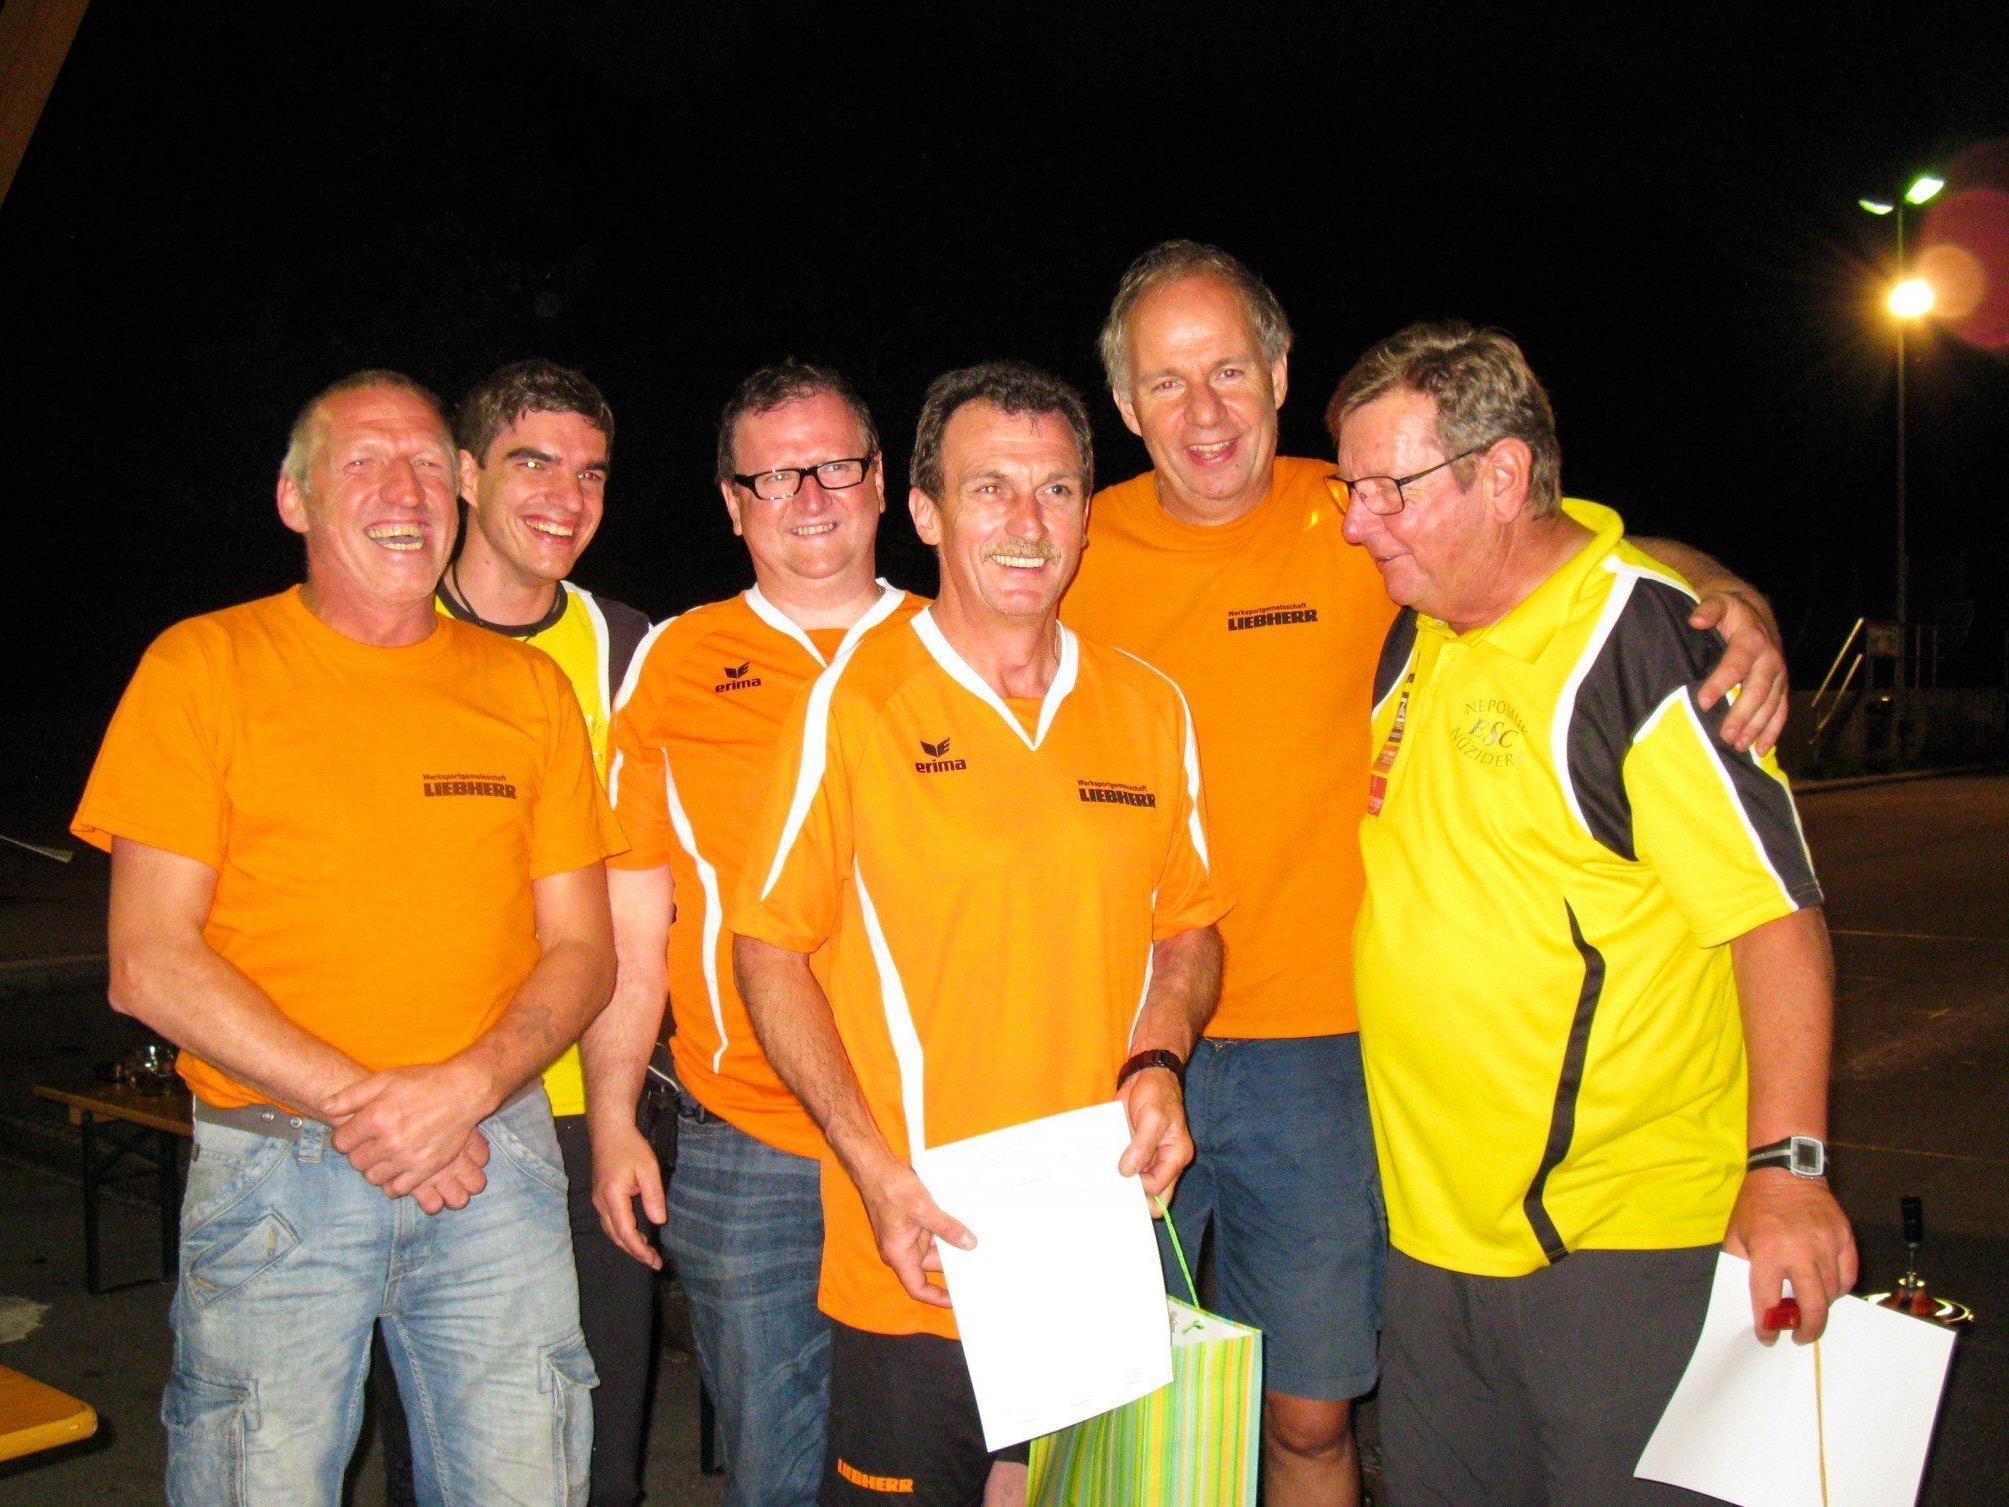 v.l.n.r. (in orange): Herbert Hammerl, Roman Doblander, Hermann Schiller, Johann Zimmermann